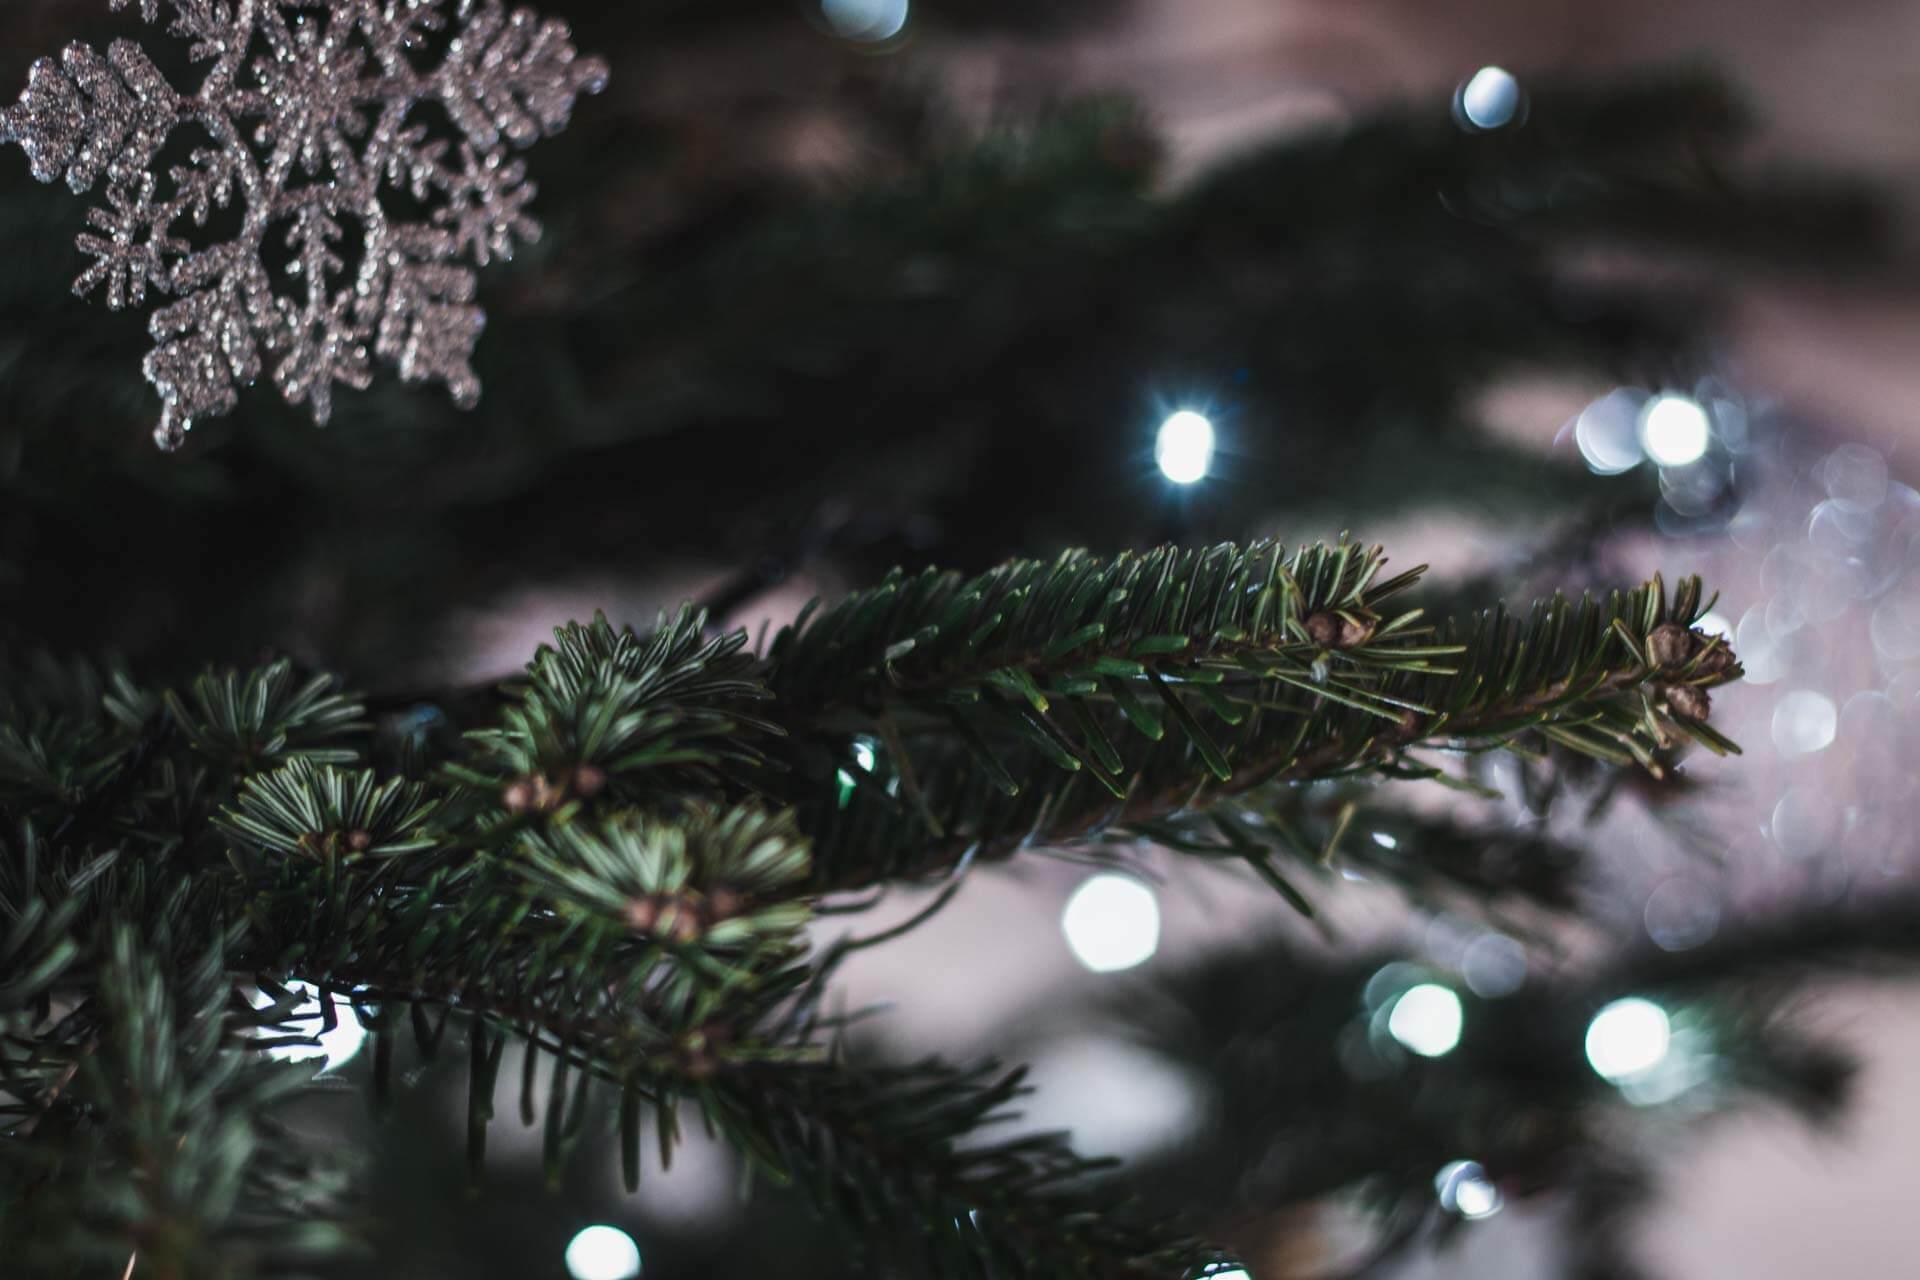 Foto ke článku 4, Vánoce, víno, štědrý den, štědrovečerní večeře